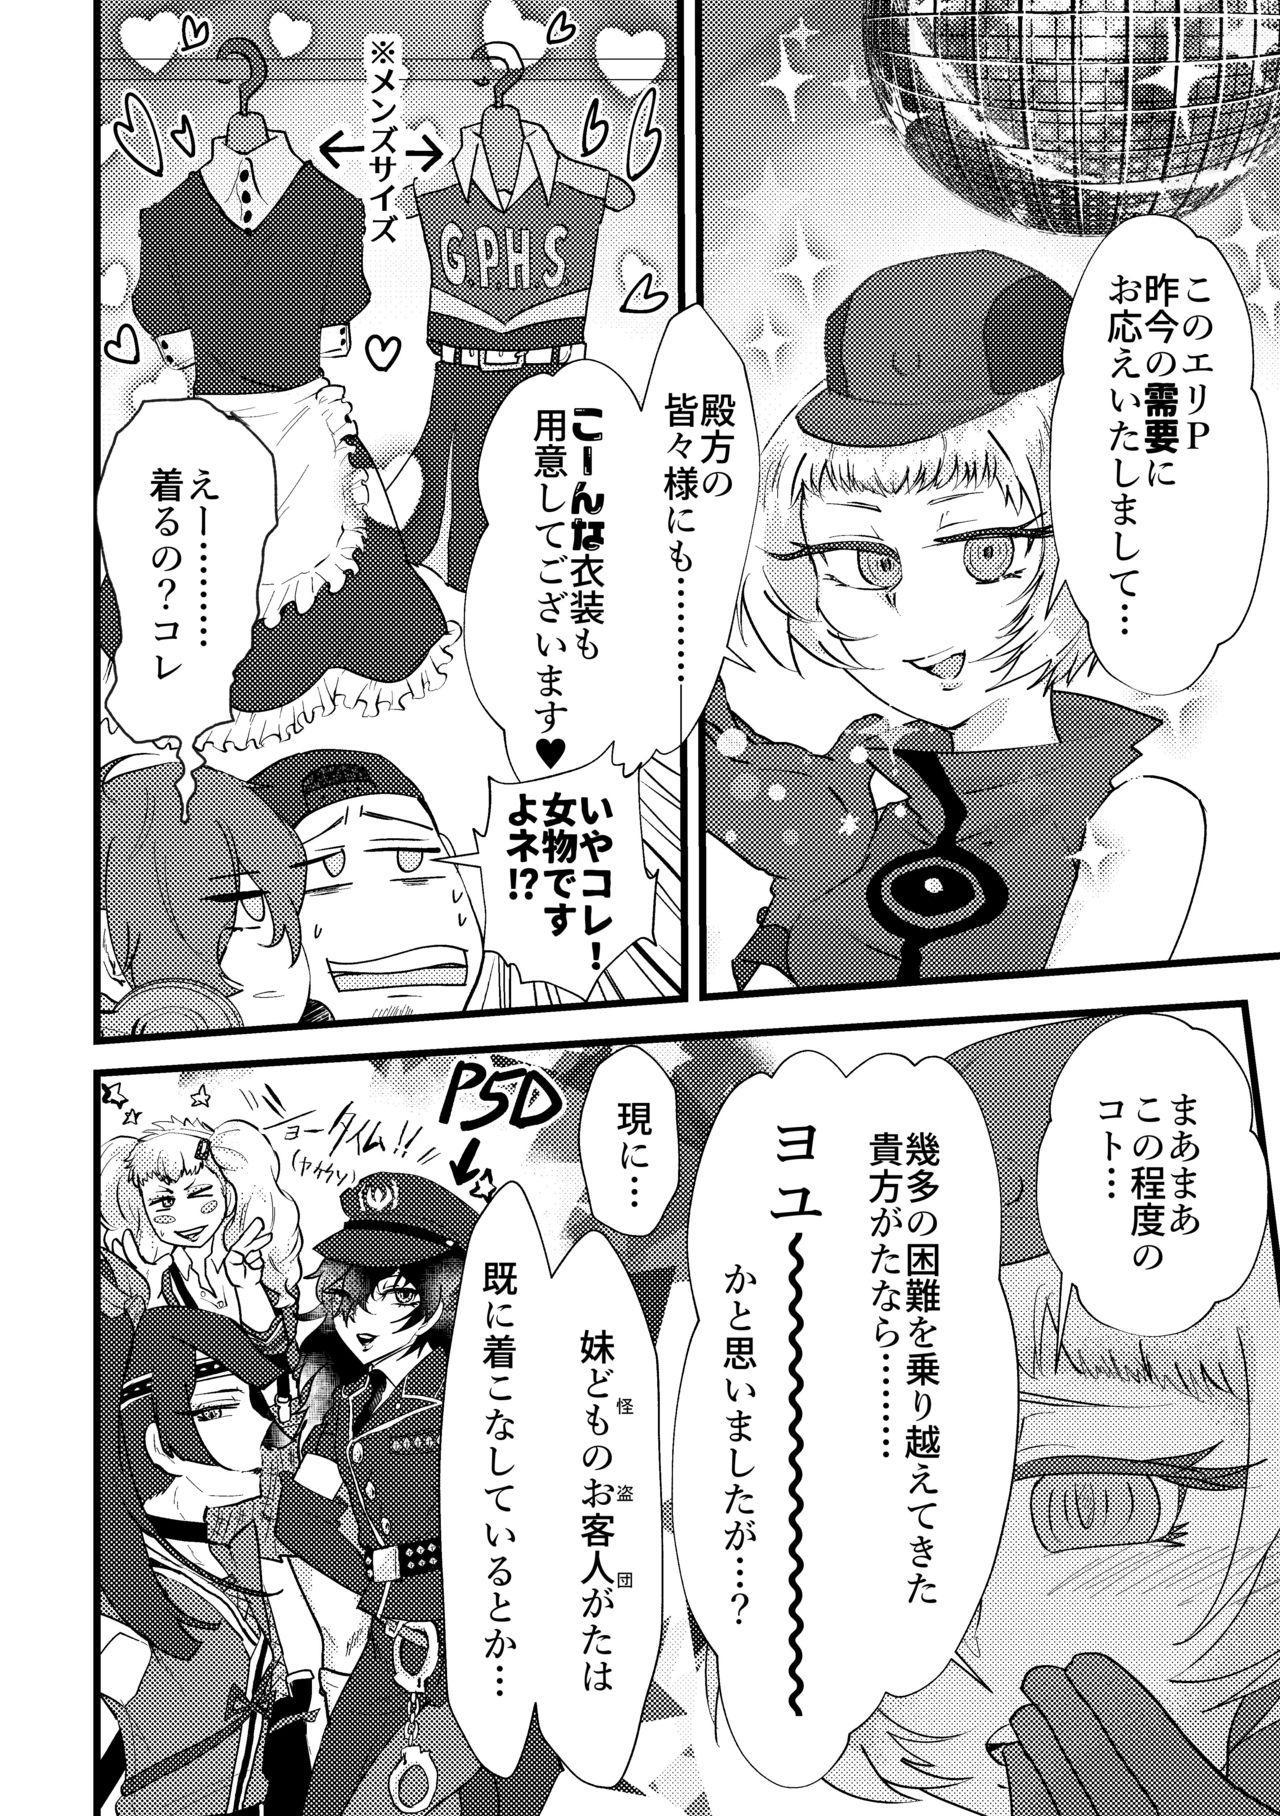 Maid x Cheer P3Hero x Junpei 4